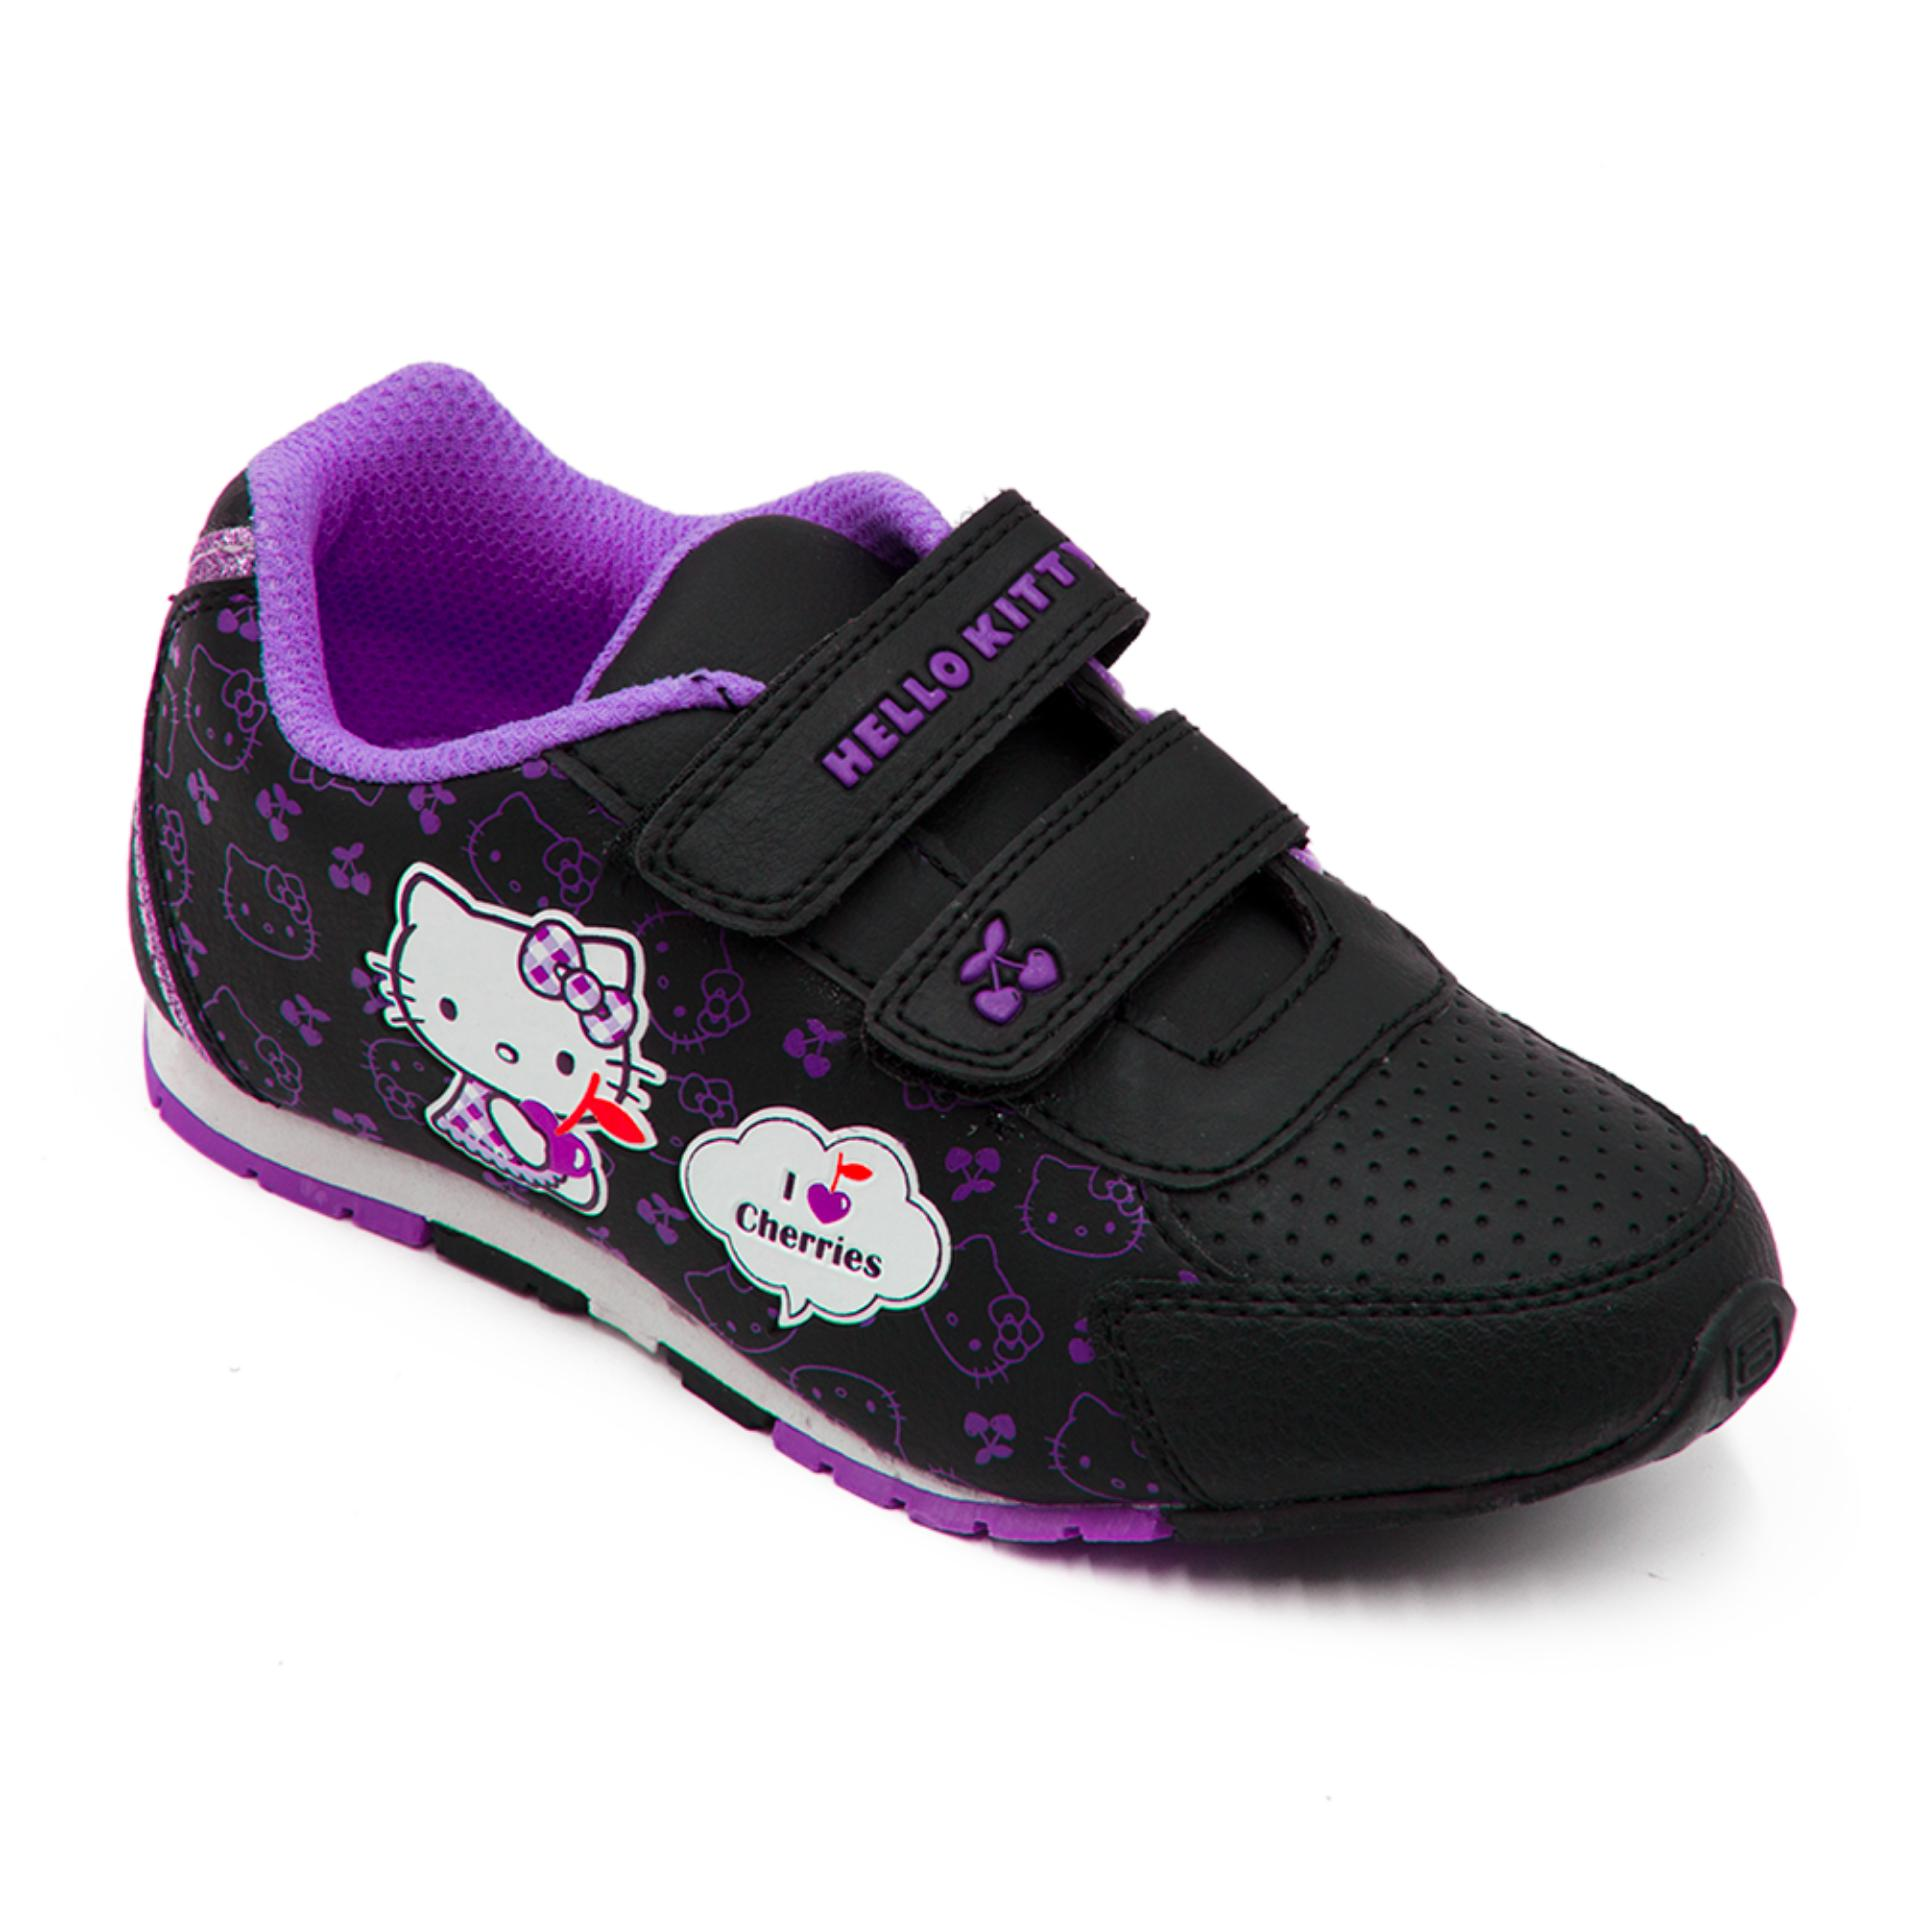 Jual Ando Sepatu Sekolah Anak Perempuan Hk Cherry Black Purple Murah Indonesia